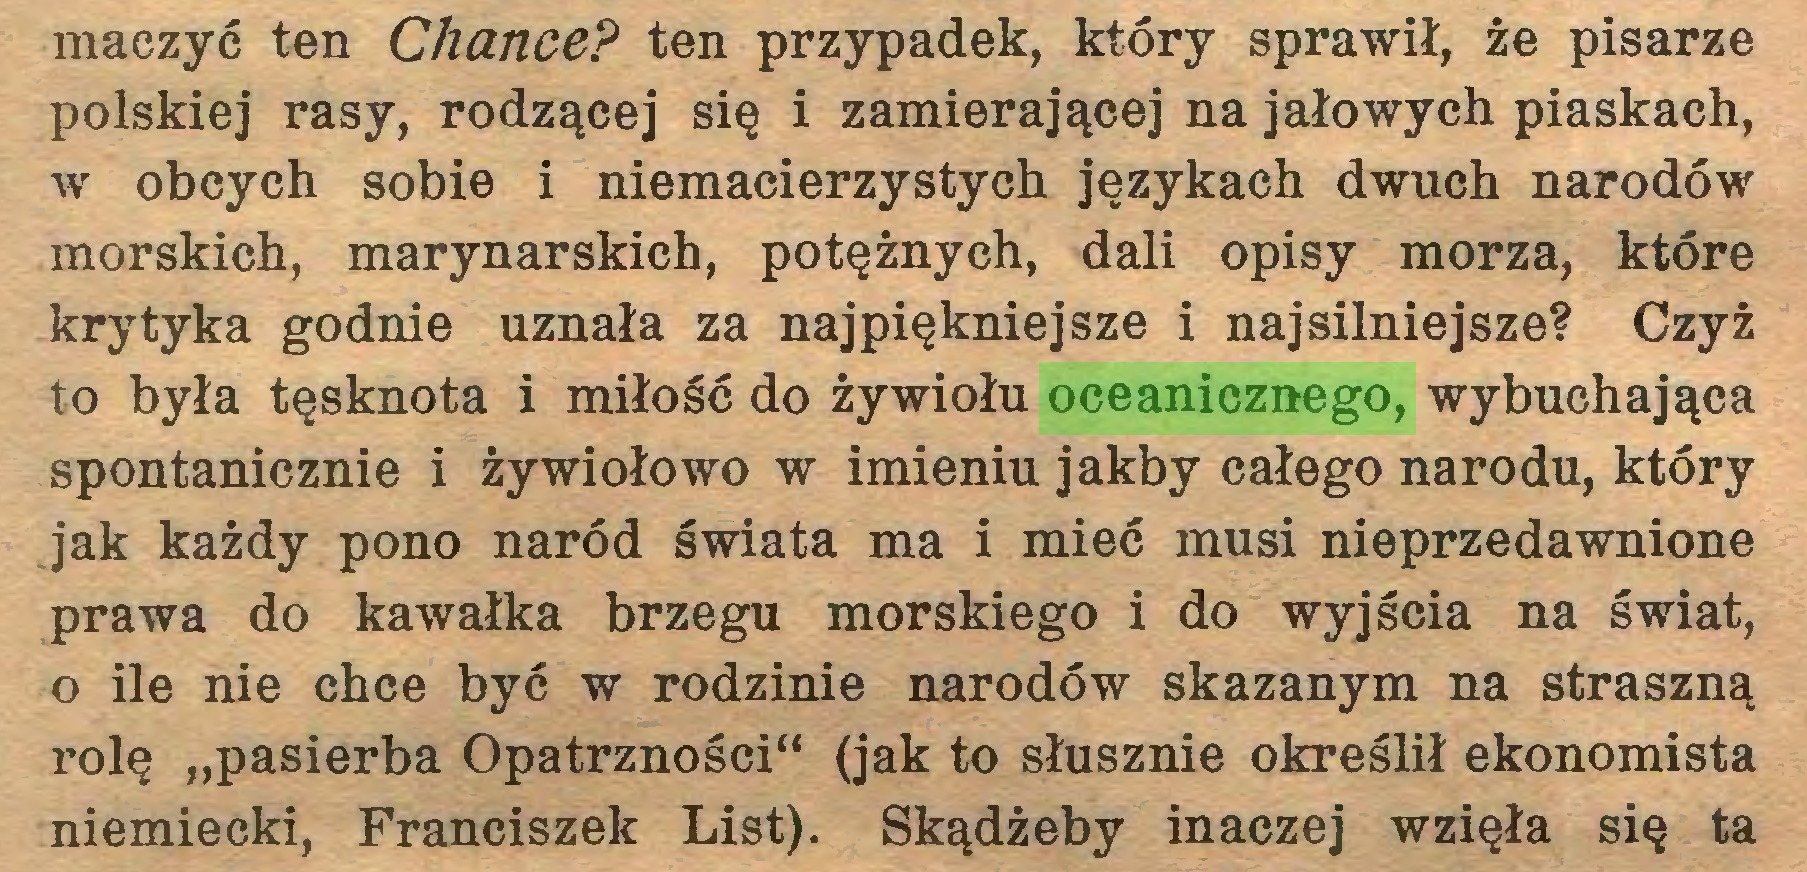 """(...) maczyć ten Chance? ten przypadek, który sprawił, że pisarze polskiej rasy, rodzącej się i zamierającej na jałowych piaskach, w obcych sobie i niemacierzystych językach dwuch narodów morskich, marynarskich, potężnych, dali opisy morza, które krytyka godnie uznała za najpiękniejsze i najsilniejsze? Czyż to była tęsknota i miłość do żywiołu oceanicznego, wybuchająca spontanicznie i żywiołowo w imieniu jakby całego narodu, który jak każdy pono naród świata ma i mieć musi nieprzedawnione prawa do kawałka brzegu morskiego i do wyjścia na świat, o ile nie chce być w rodzinie narodów skazanym na straszną rolę """"pasierba Opatrzności"""" (jak to słusznie określił ekonomista niemiecki, Franciszek List). Skądżeby inaczej wzięła się ta..."""